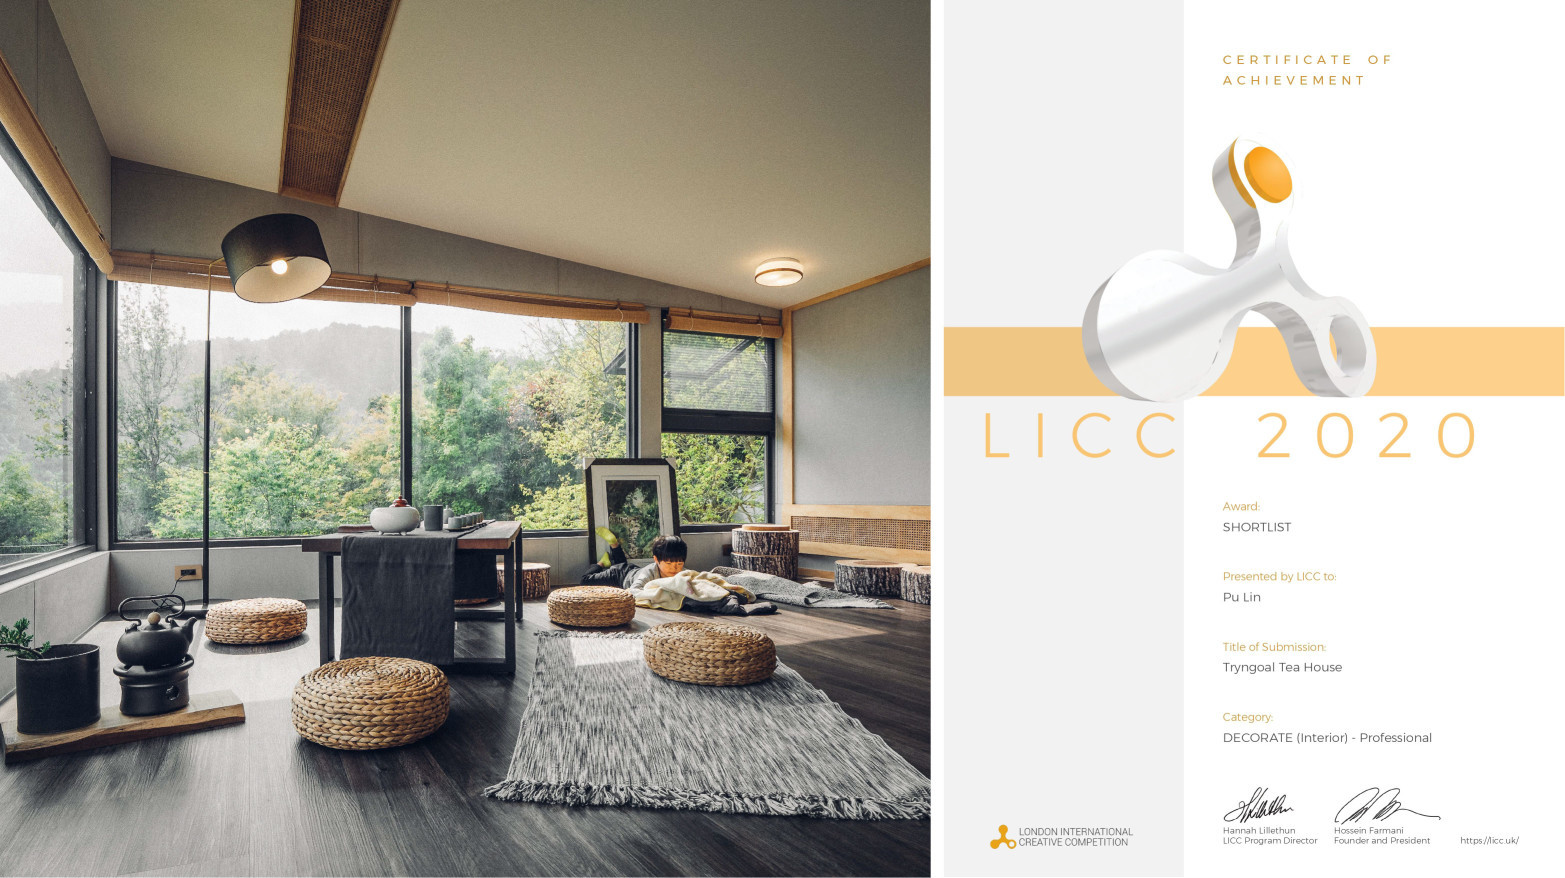 2020年licc英國倫敦創意大賽入圍|三角鐵茶屋